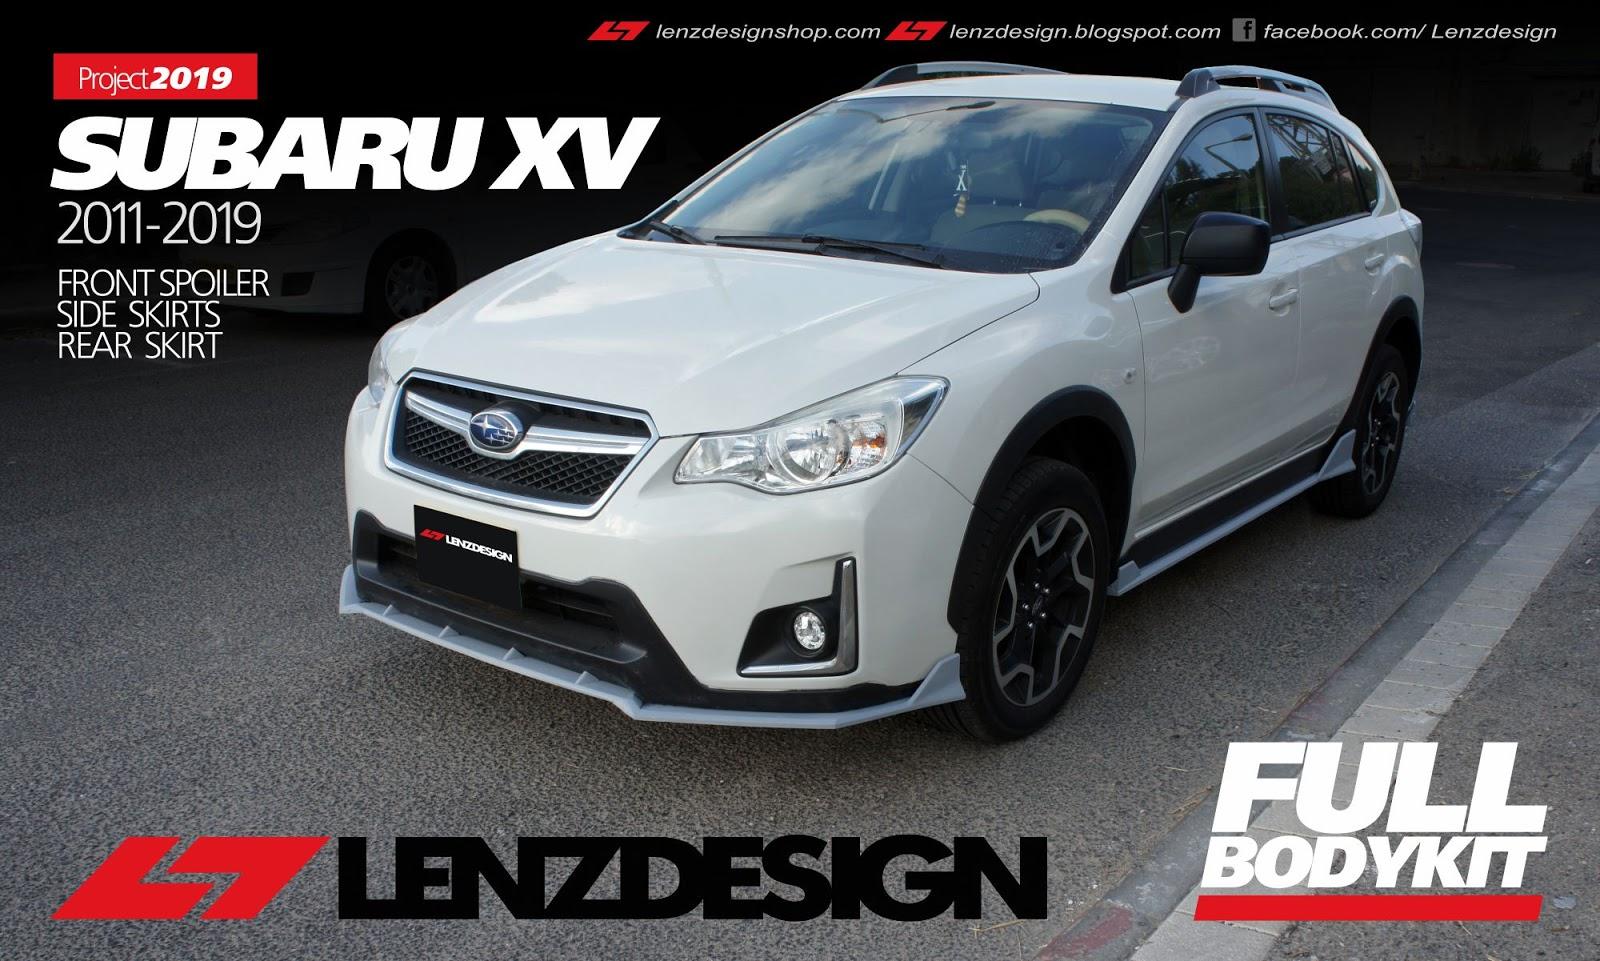 Subaru XV Crosstrek Bodykit Lenzdesign 2011-2019